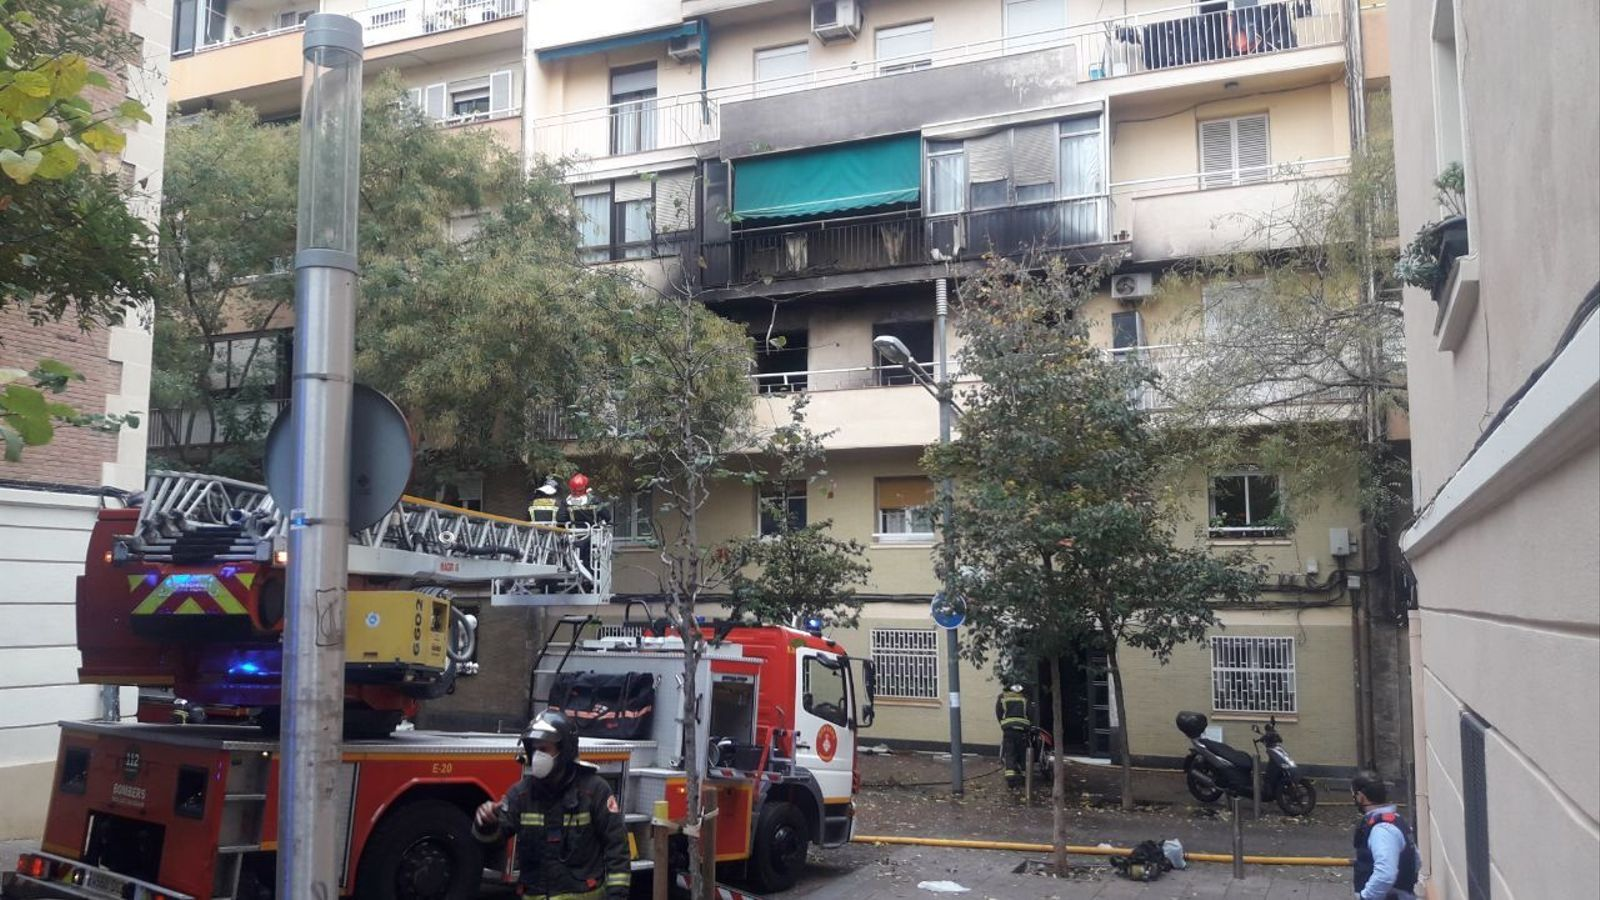 Les restes del foc han quedat visibles al balcó del pis on s'ha originat